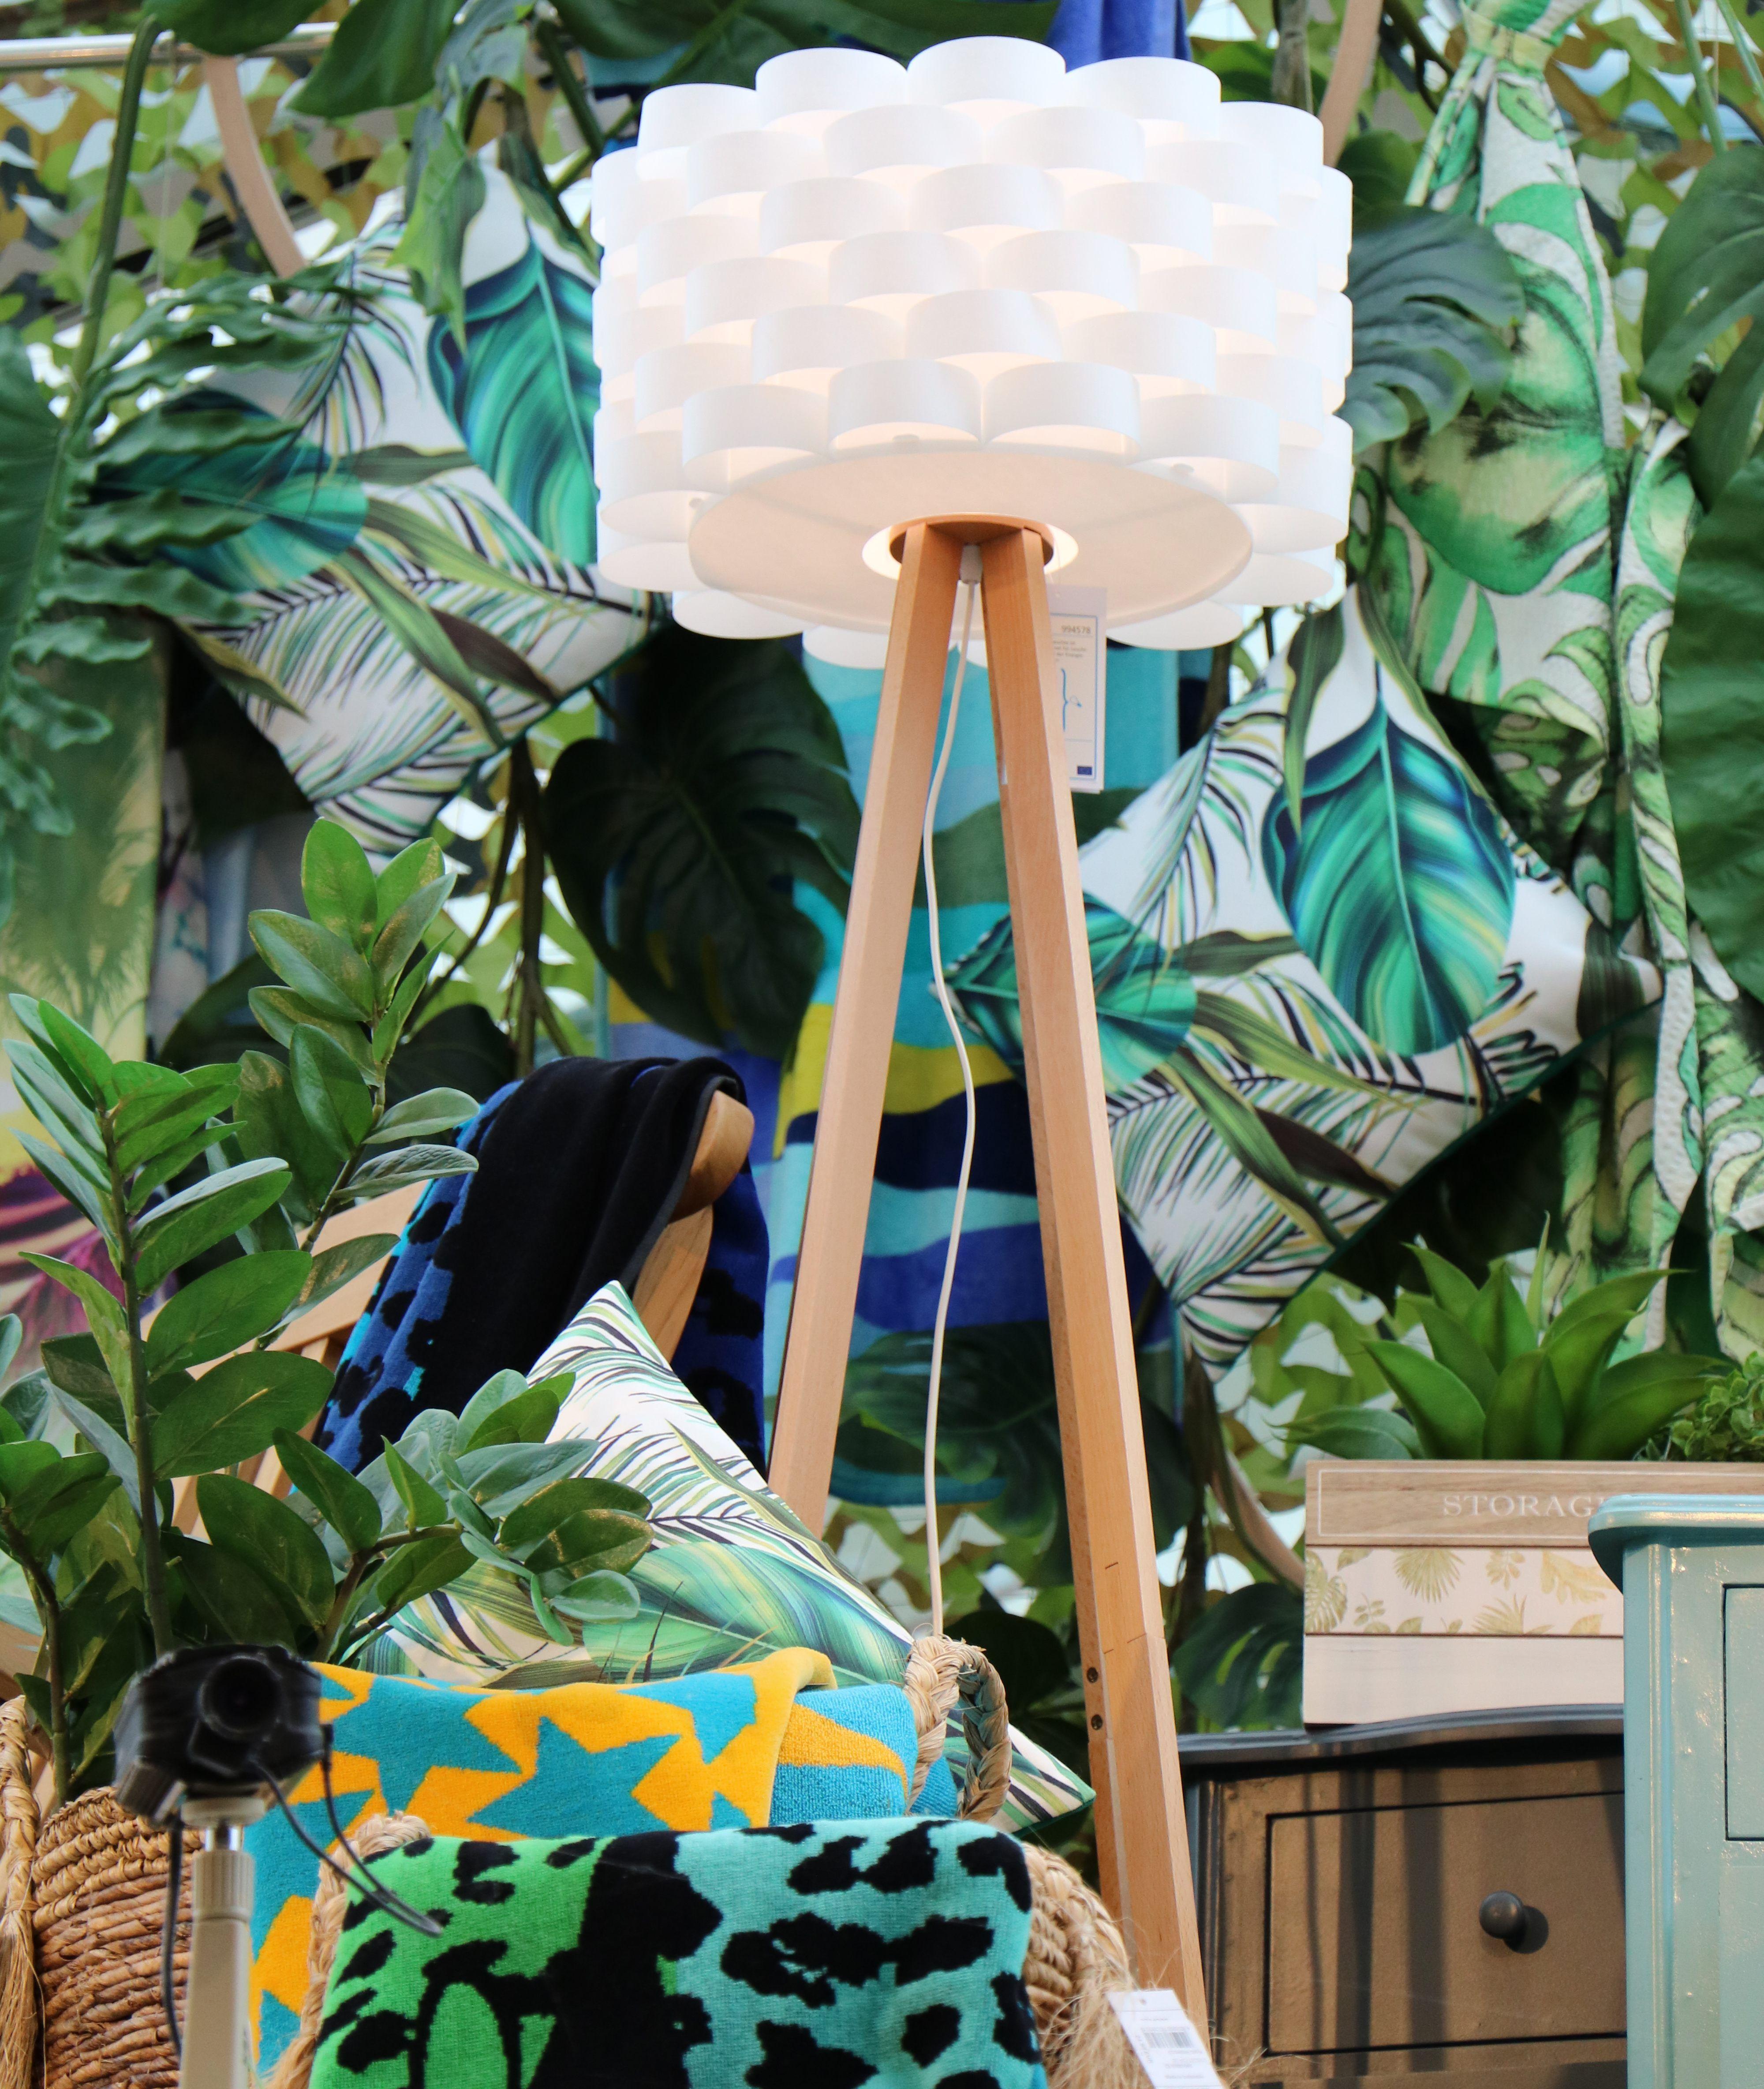 Schon Stehlampe Im Skandinavischen Stil Kombiniert Mit Deko Im Dschungel Style # Deko #dschungelstyle #trend2018